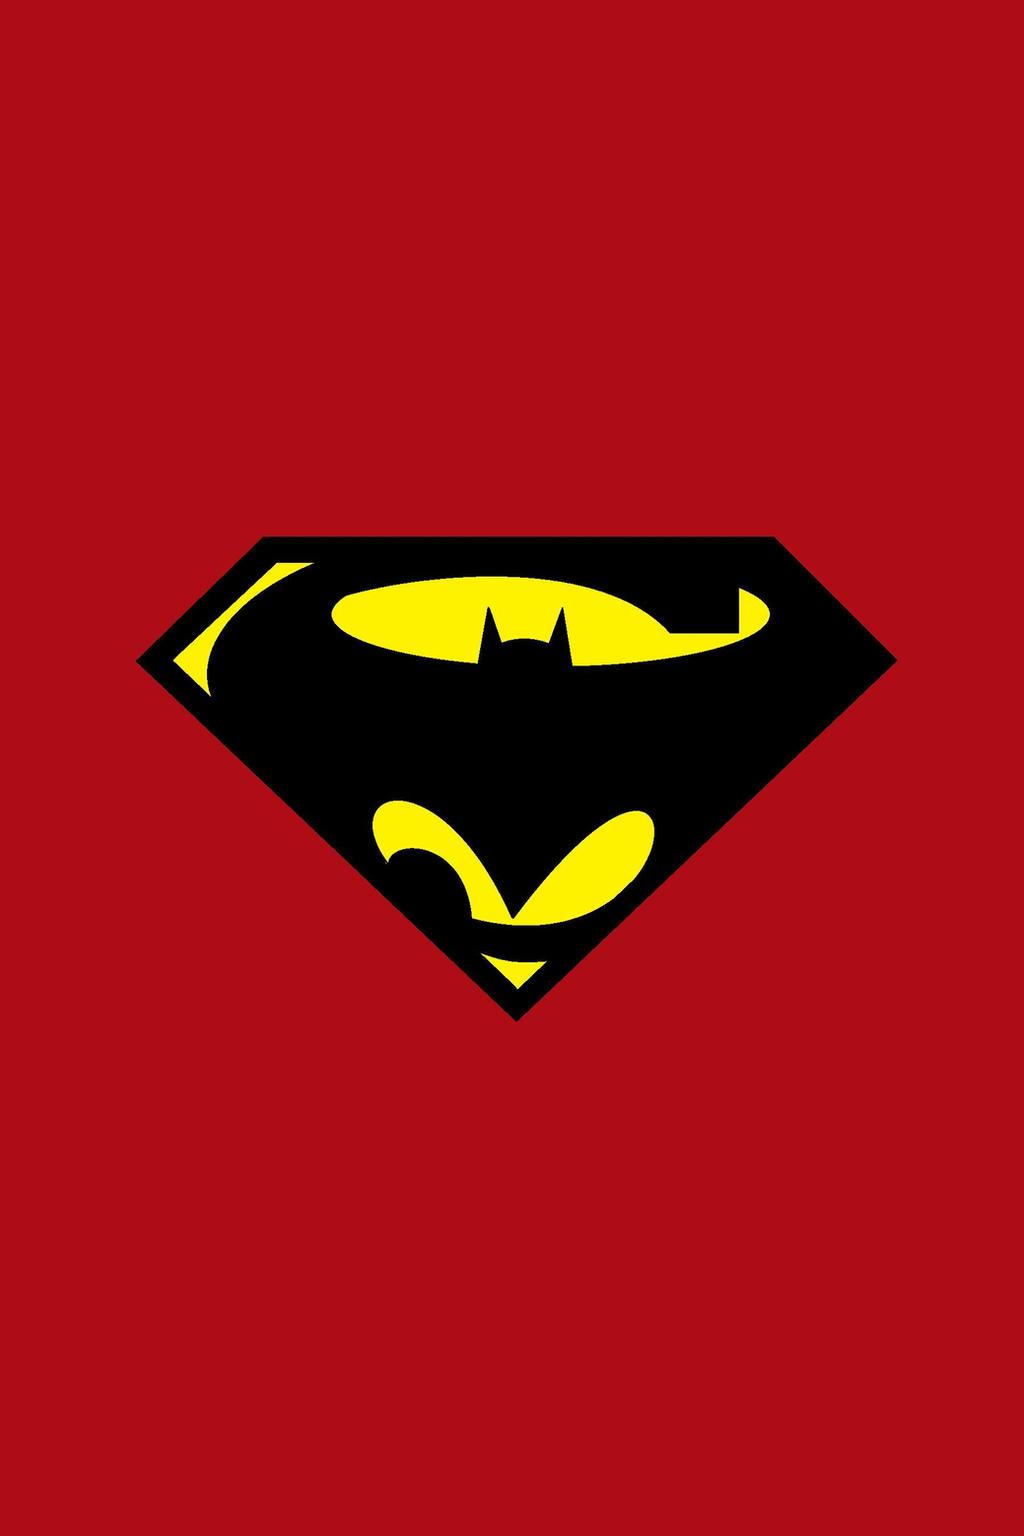 Superman/Batman I Am Legend logo